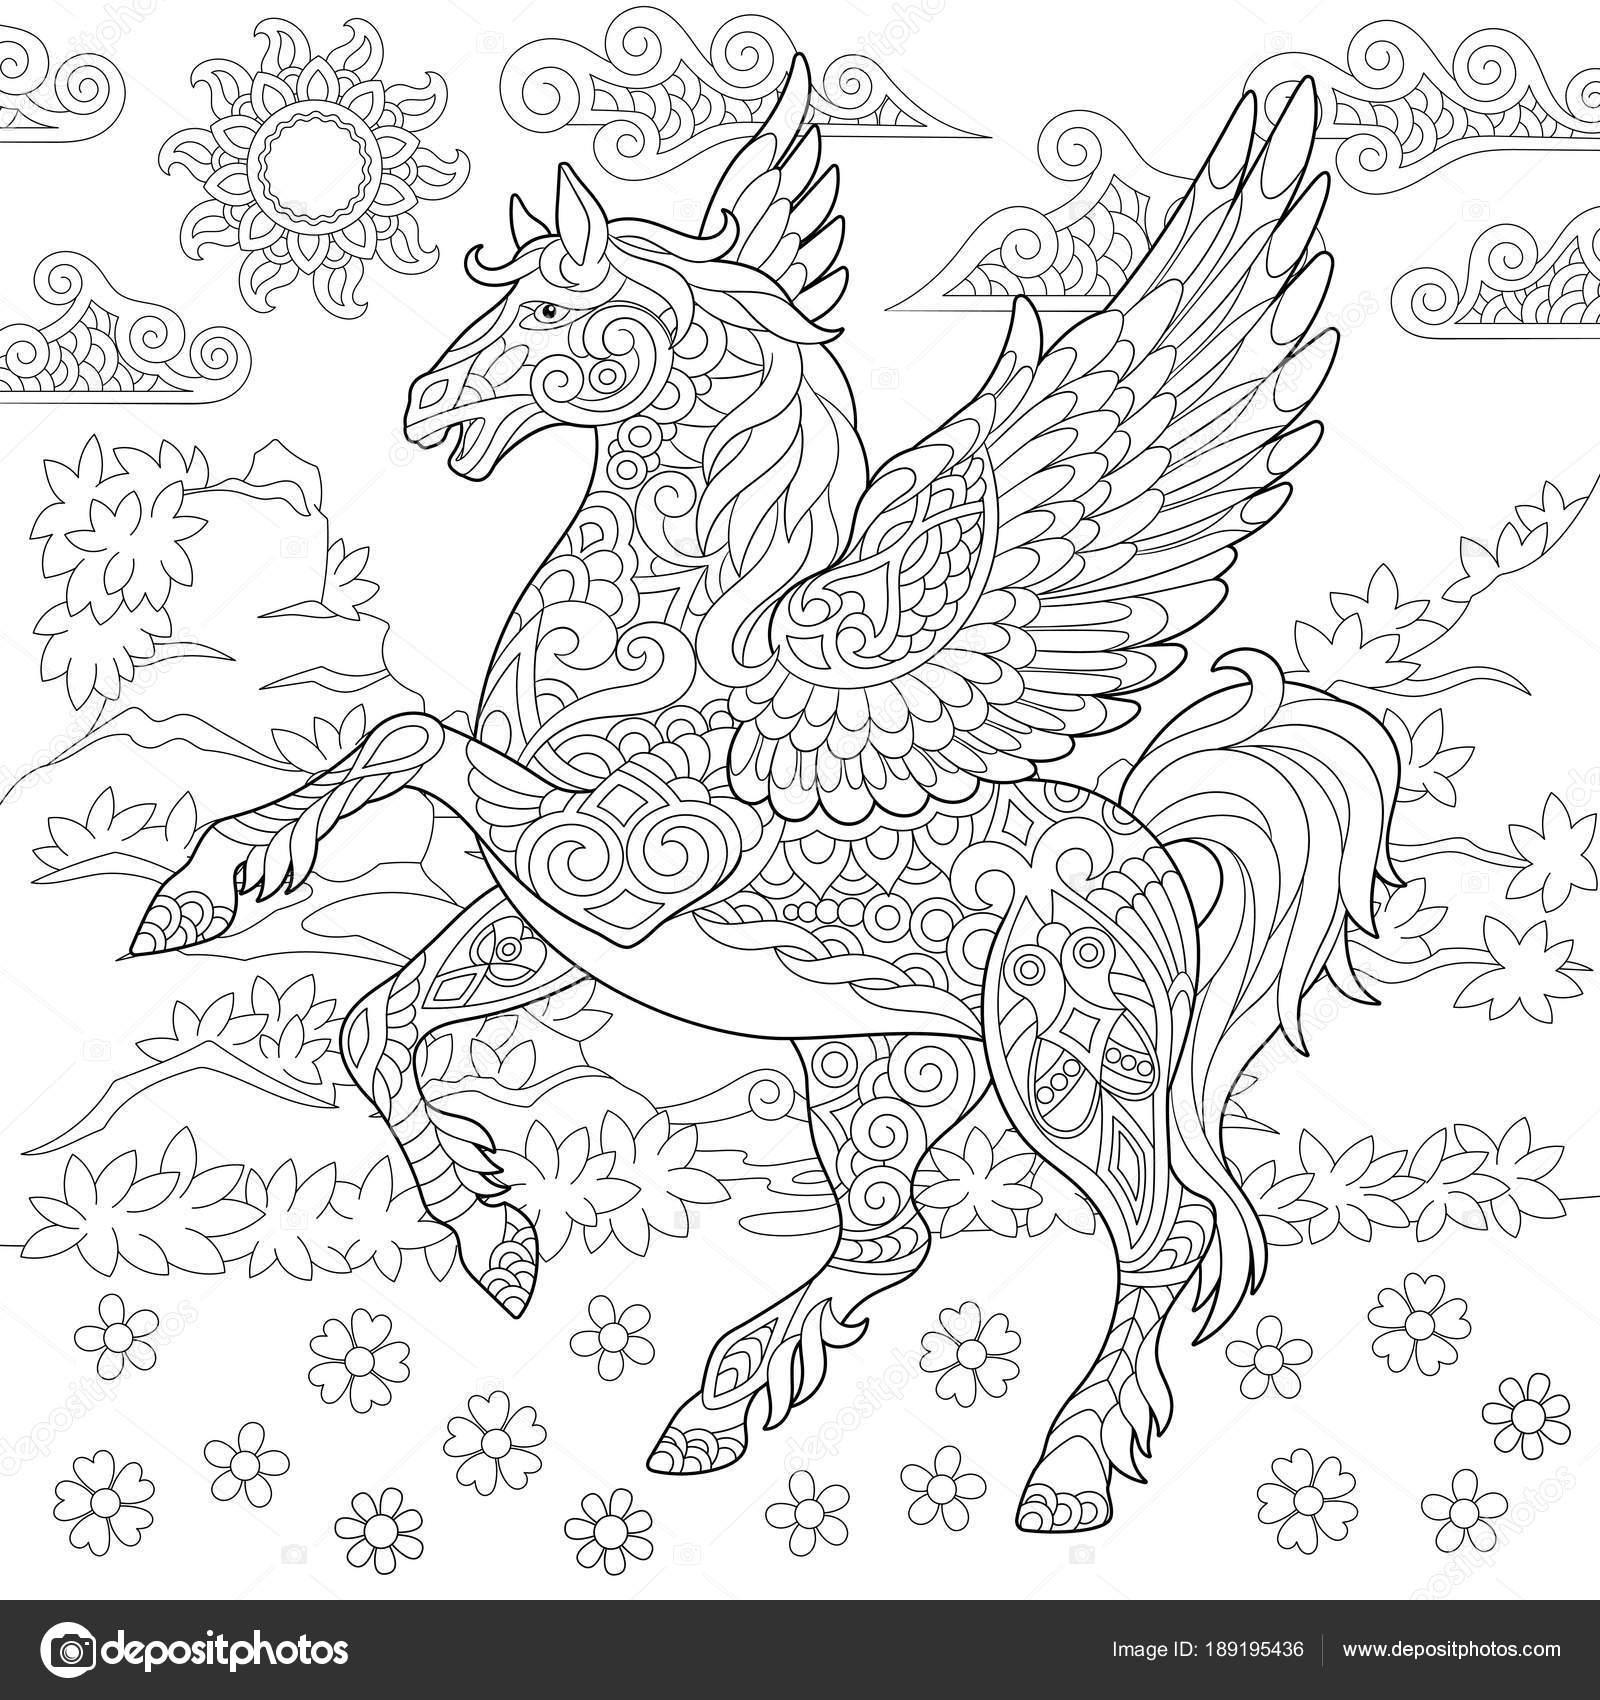 Malvorlage pegasus auf dem geflügelten pferd Coloring